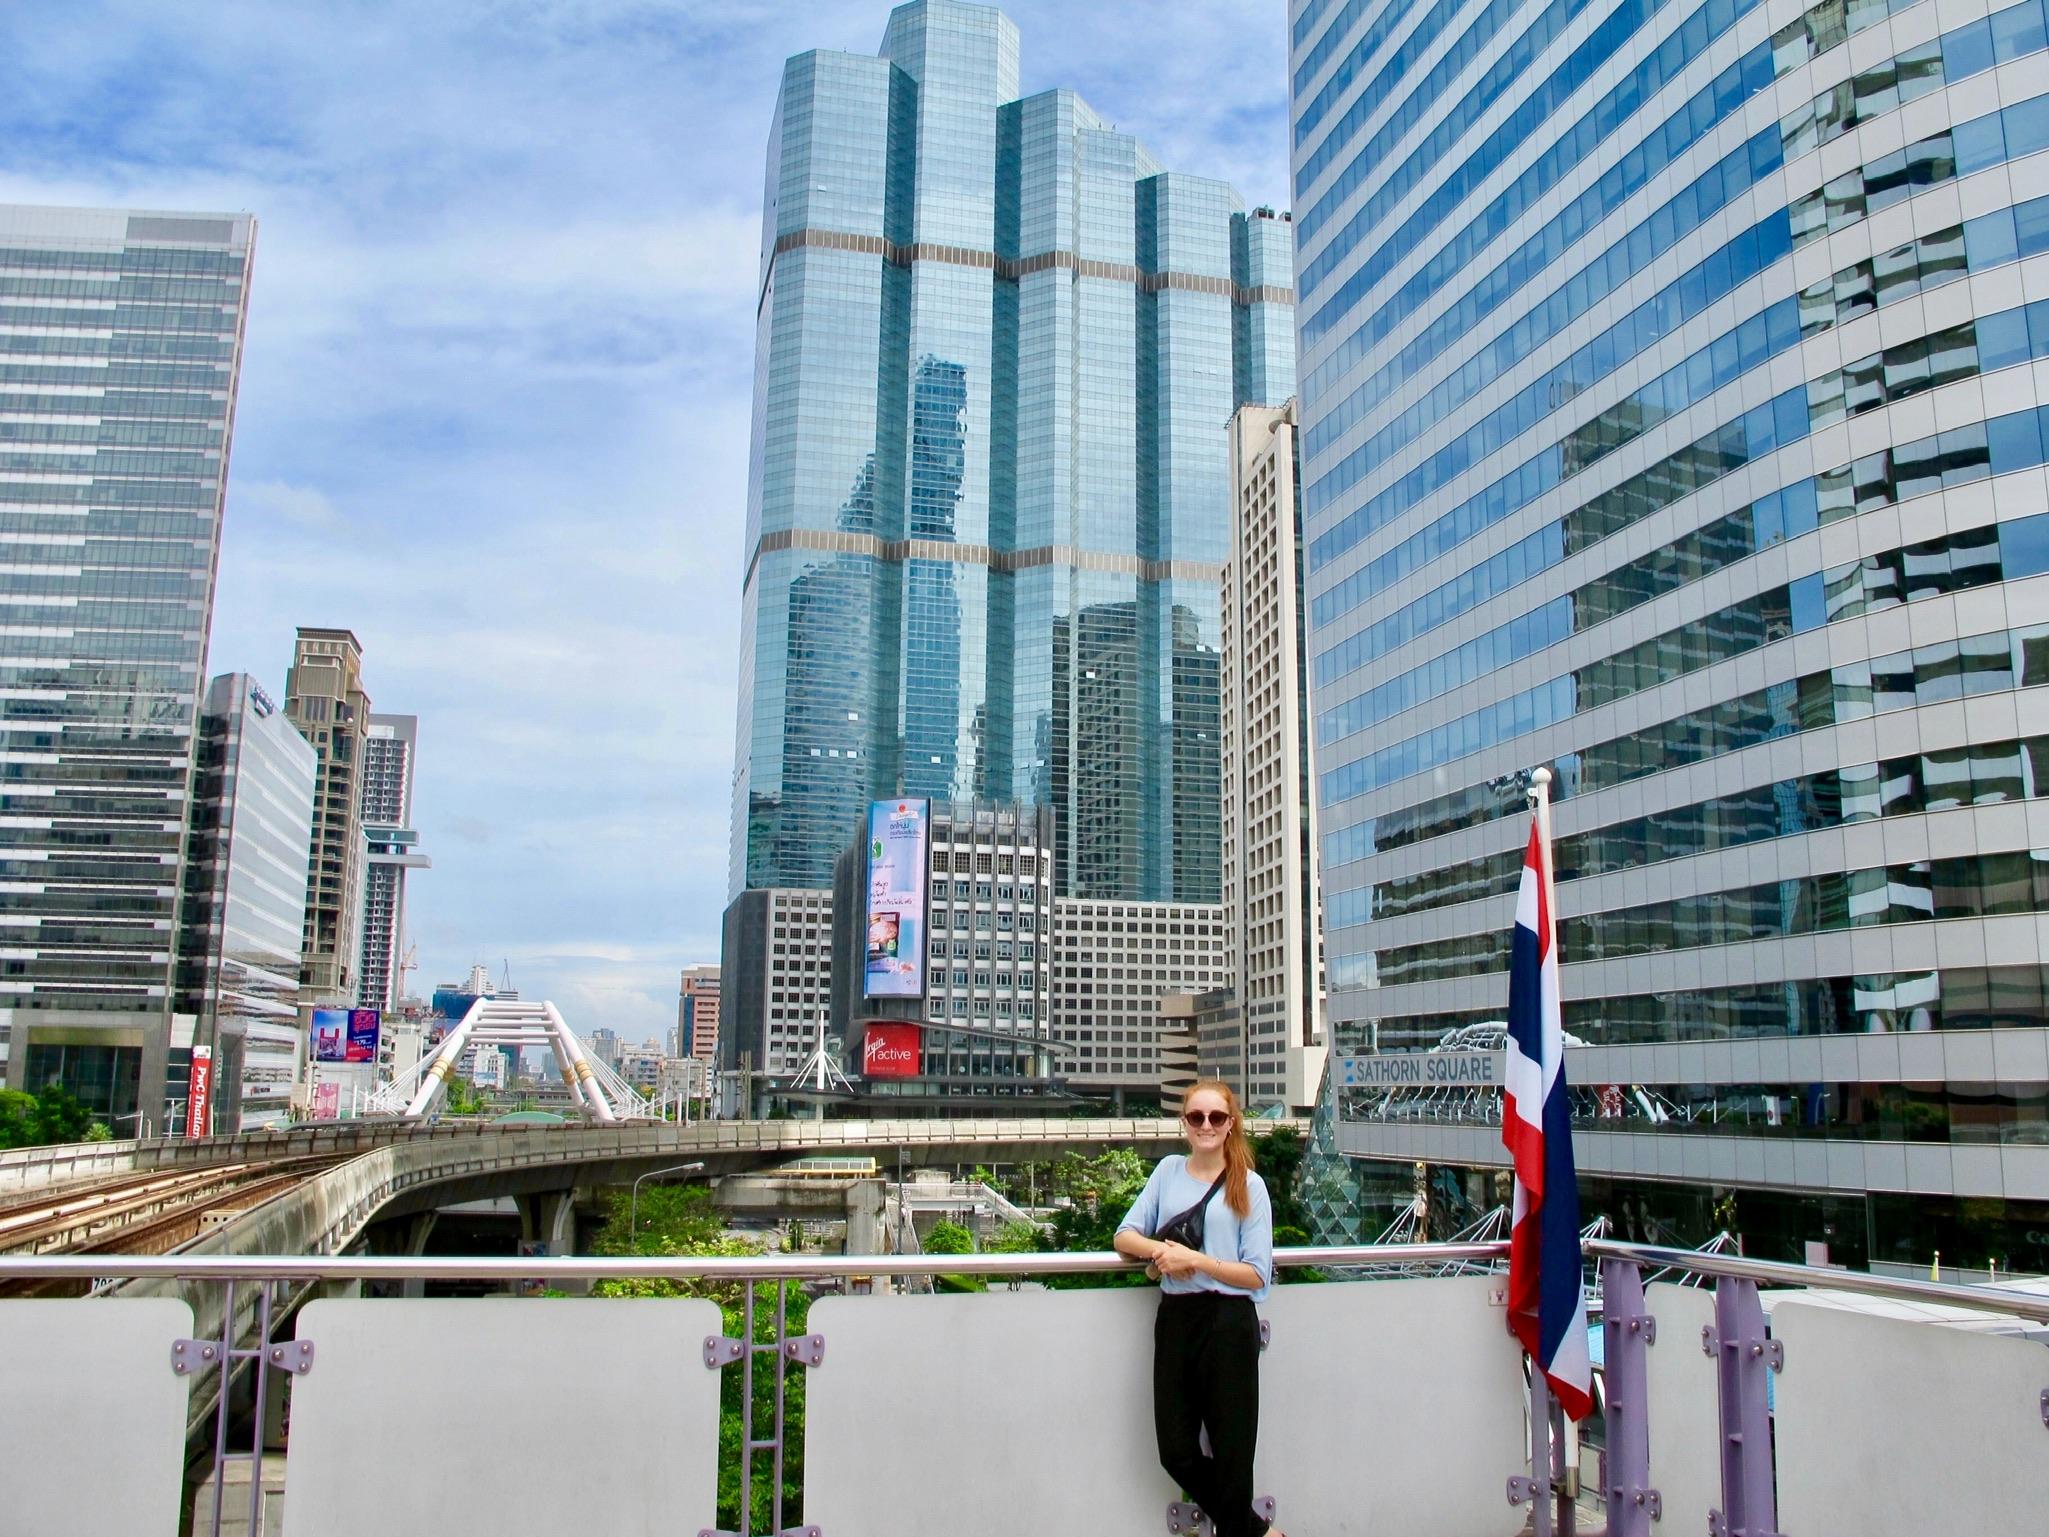 bangkok webster university uddannelse udlandet